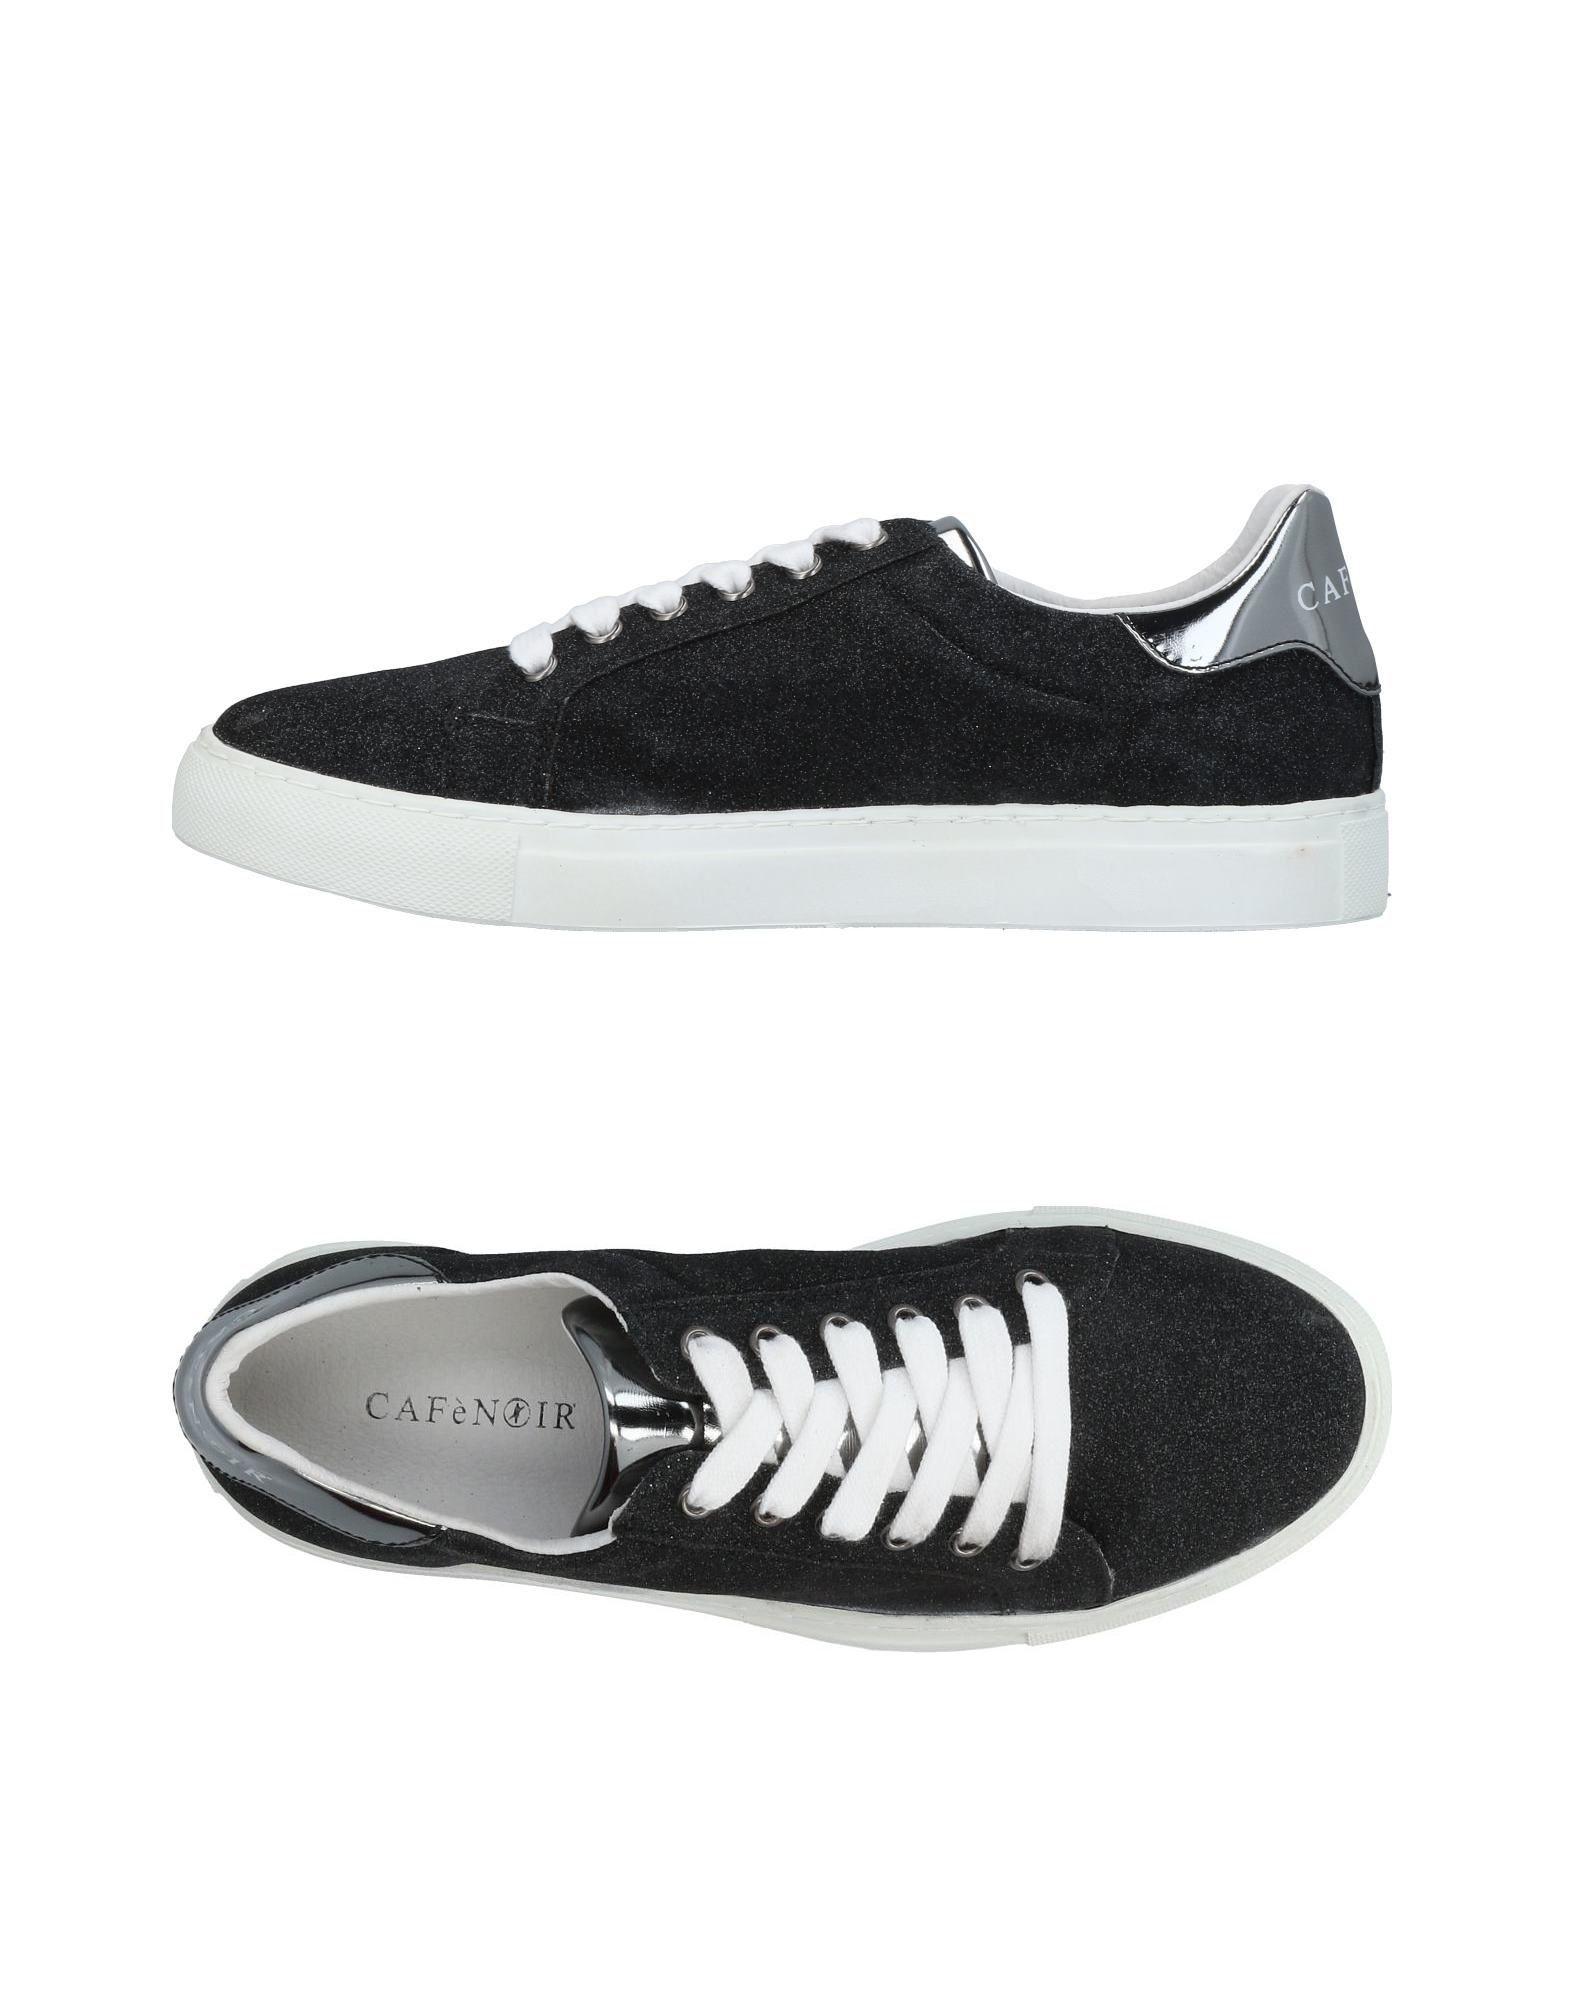 Moda Sneakers Cafènoir Donna Donna Cafènoir - 11435566RB 2969d0